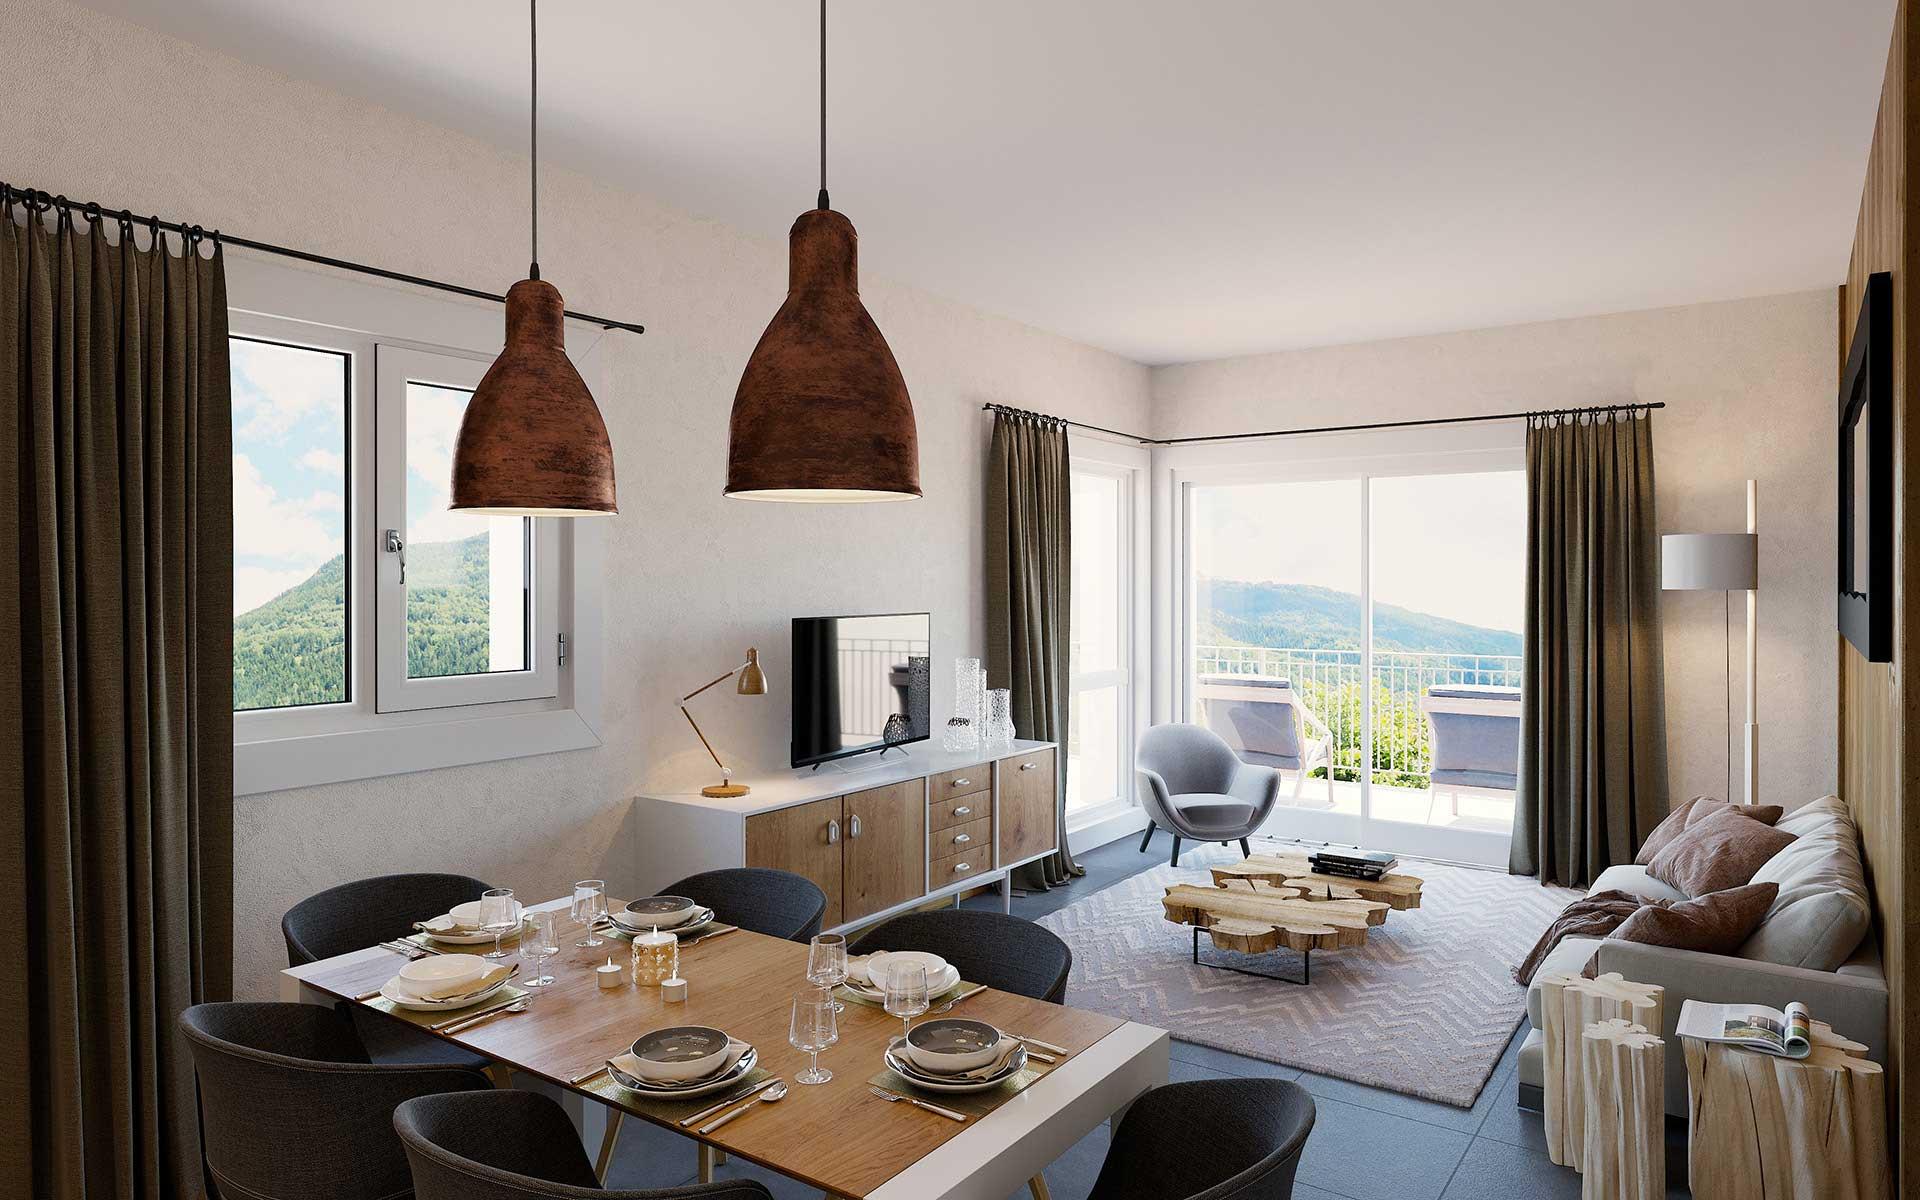 Photo de salon en trois dimensions - projet immobilier Valentin studio